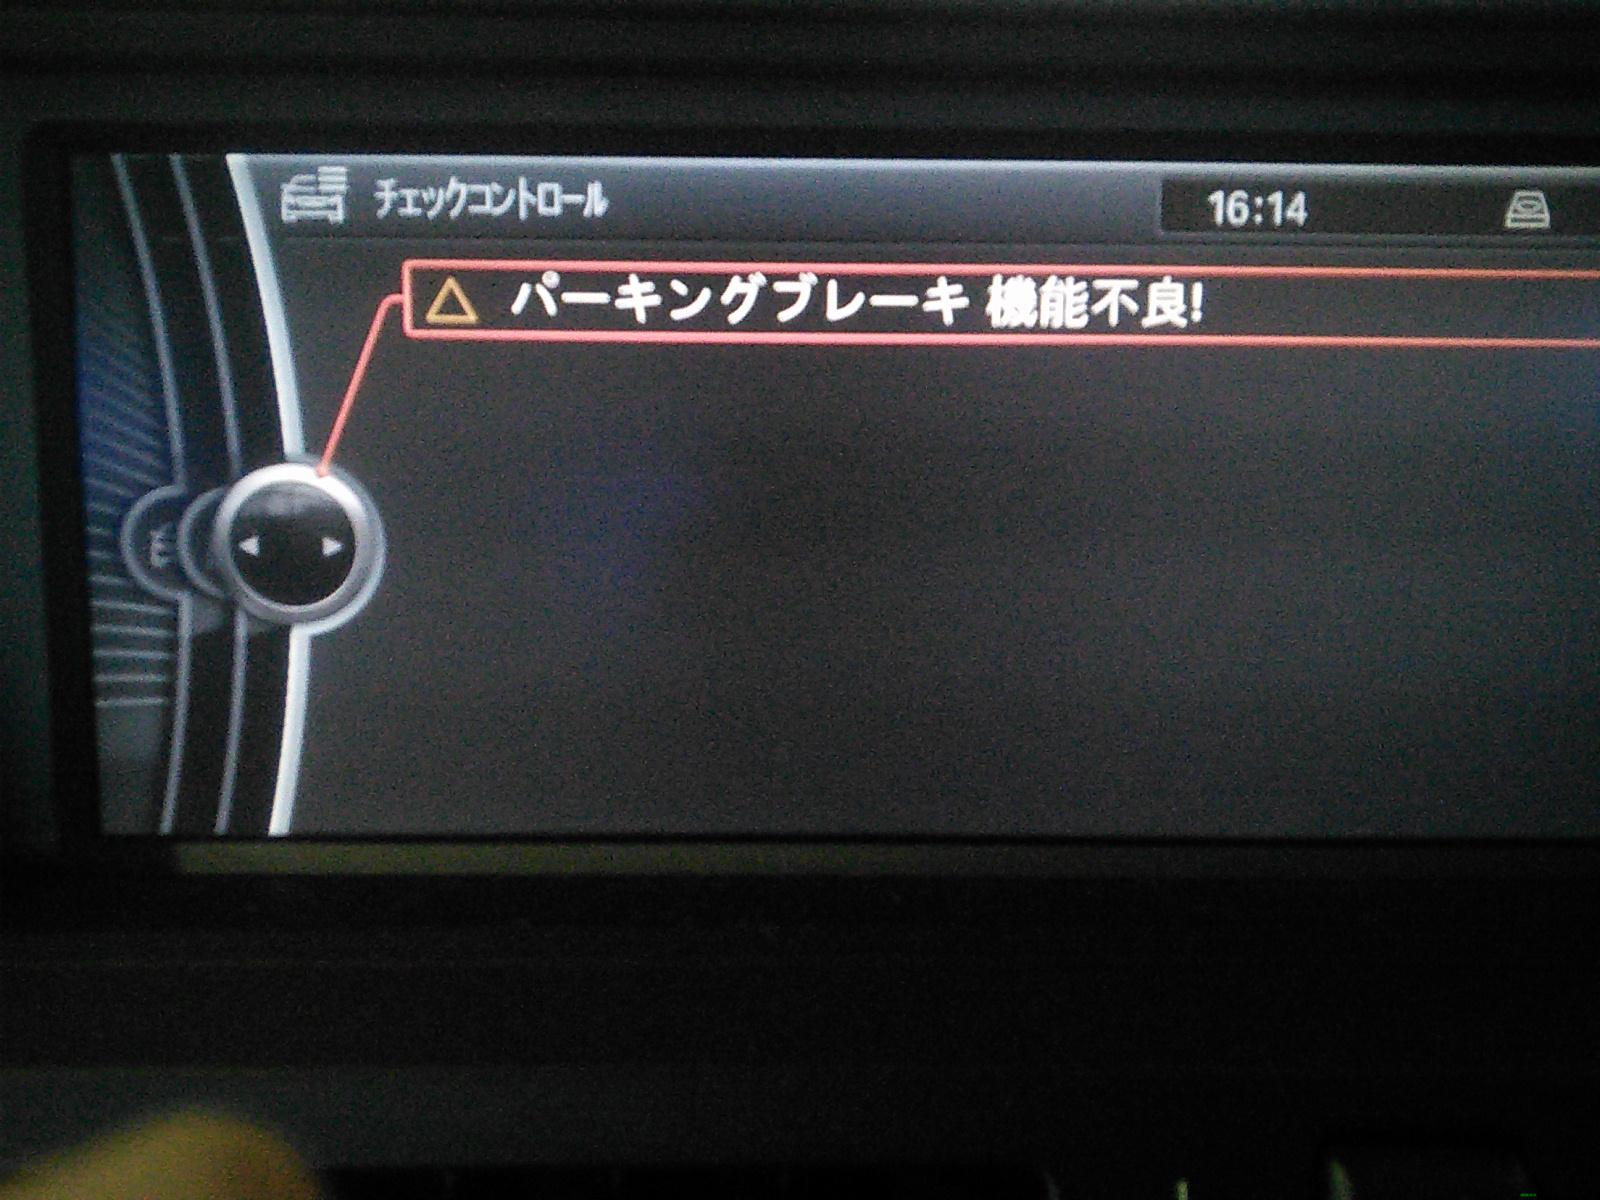 BMW Z4 パーキングブレーキ警告 黄色警告灯点灯 プログラムアップデートでなおった